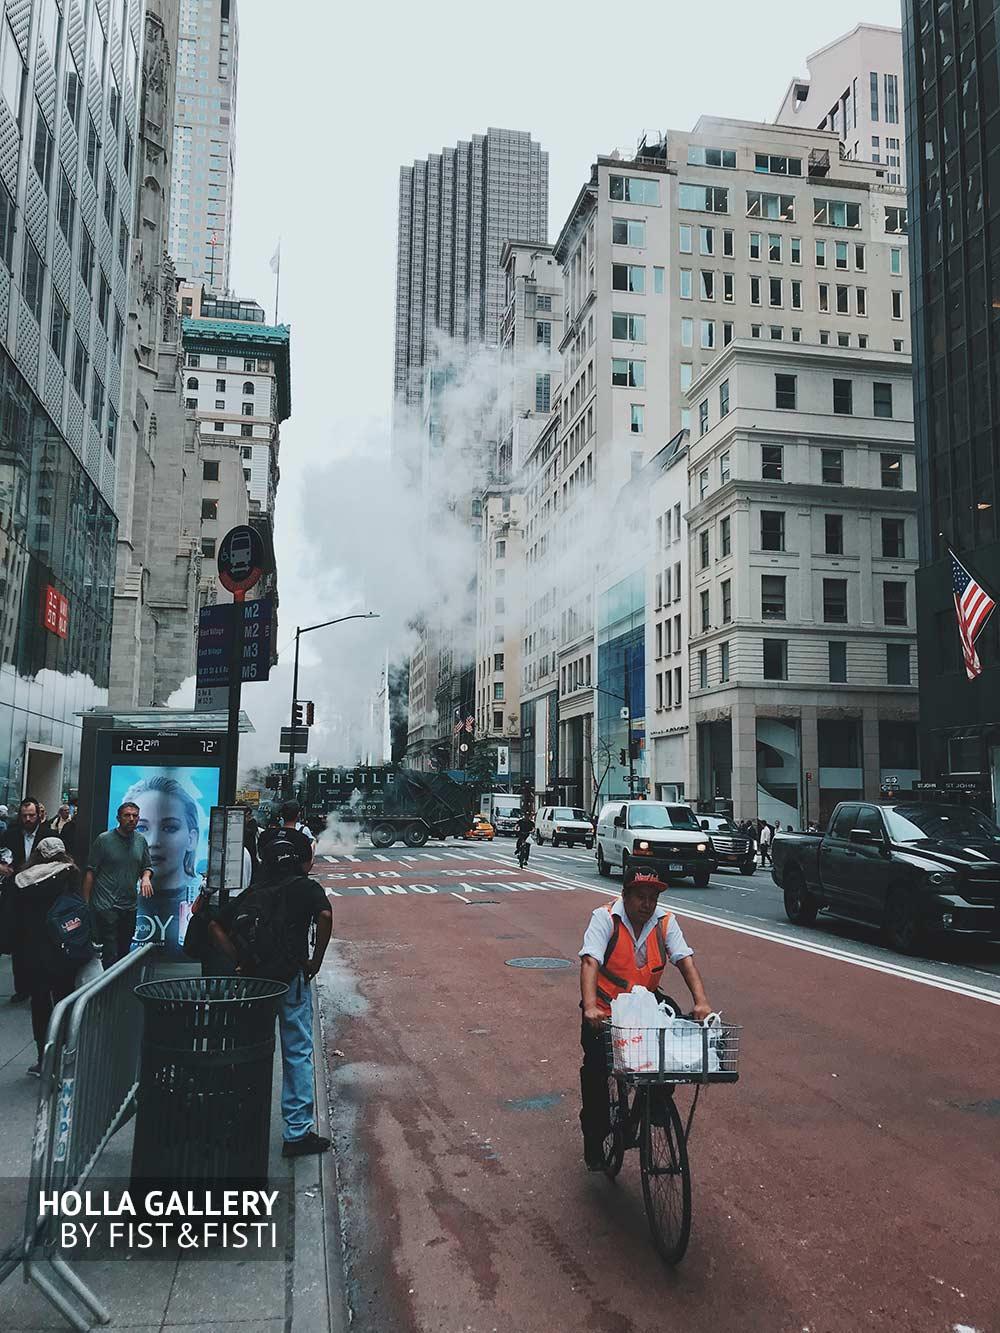 Рабочий на велосипеде едет по улице Нью-Йорка среди небоскребов. Фотогалерея